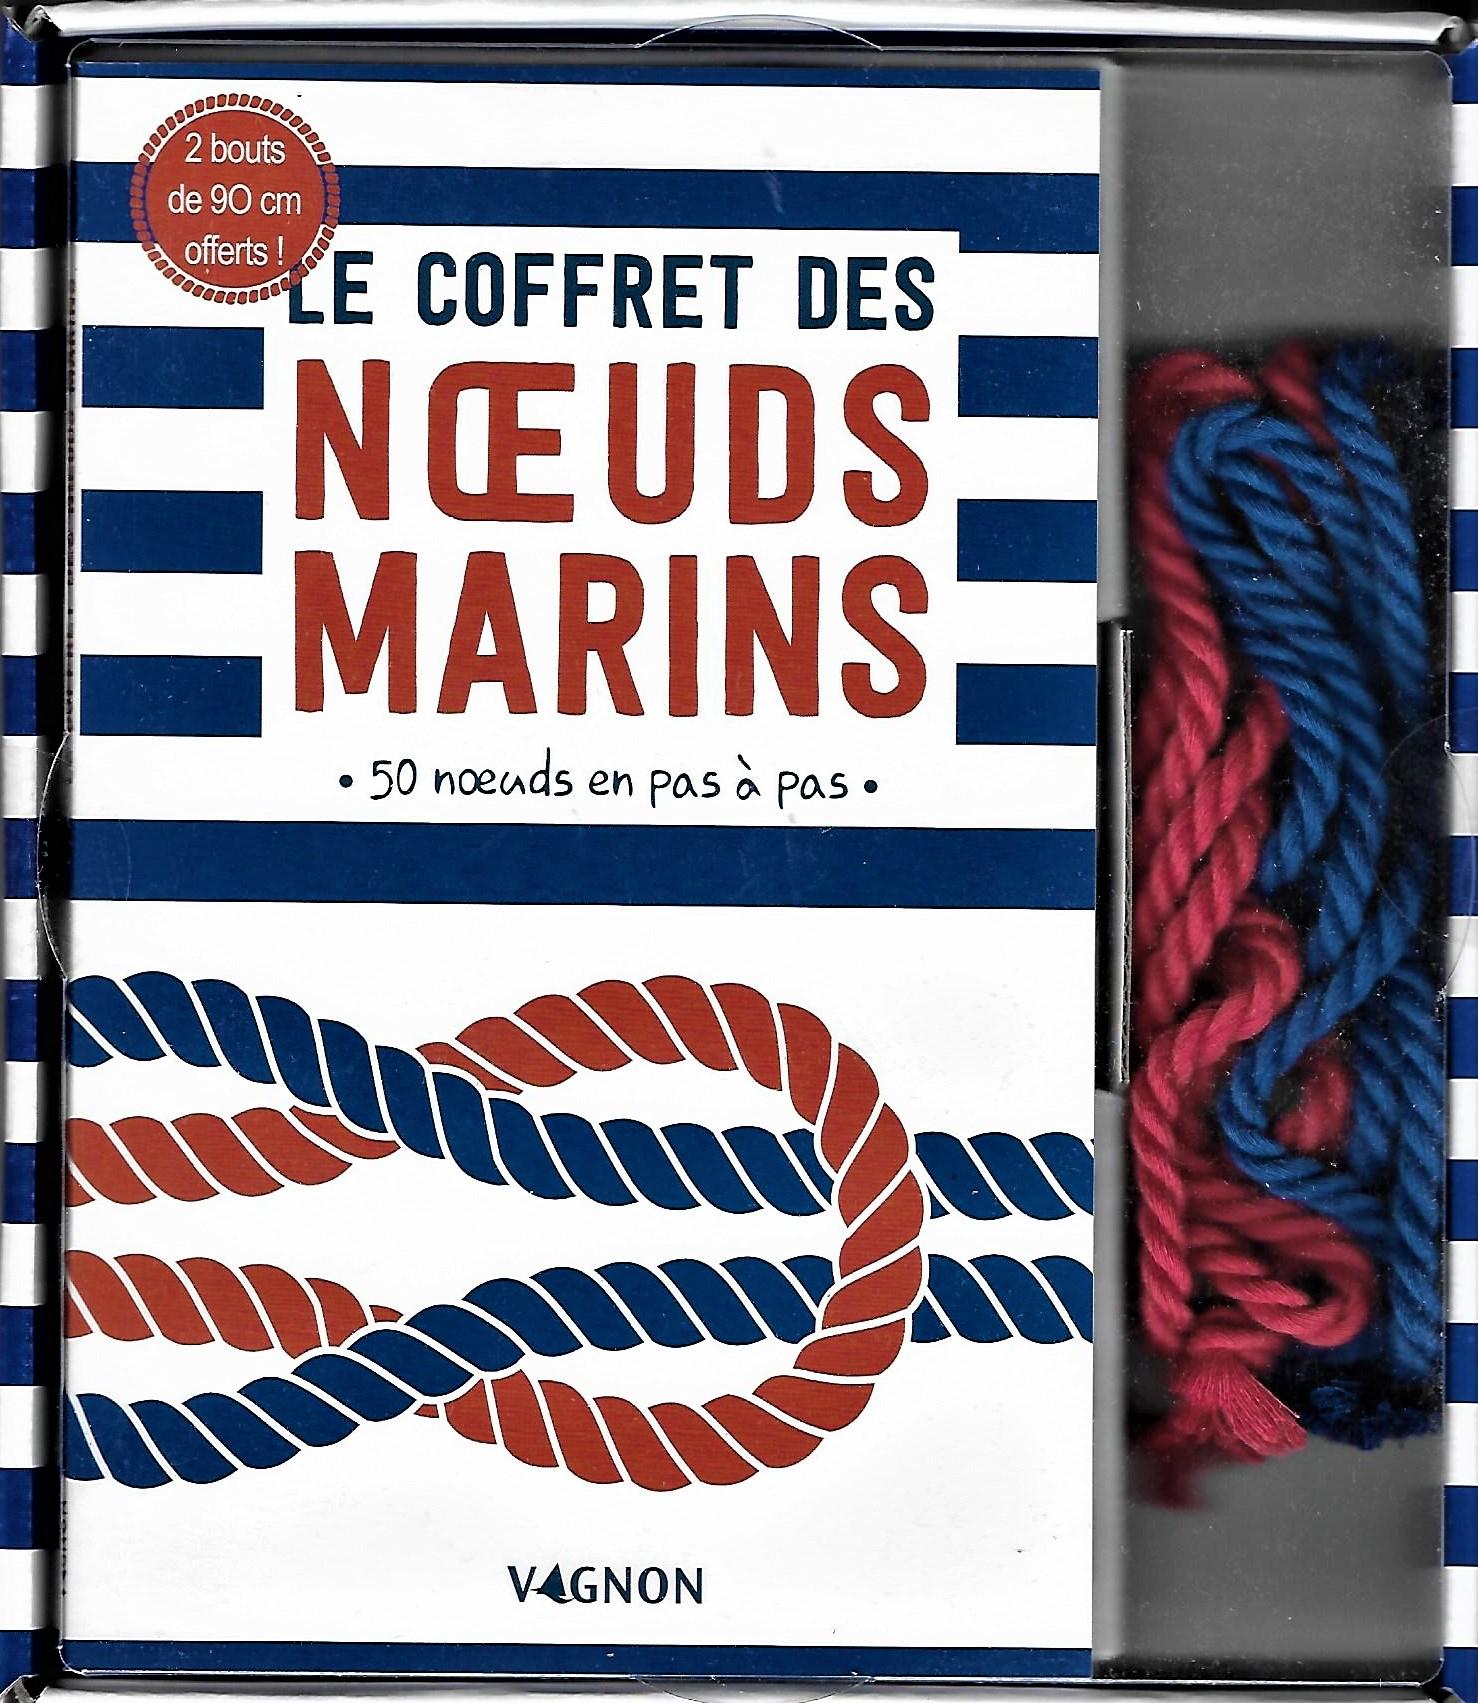 le-coffret-des-noeuds-marins-vagnon